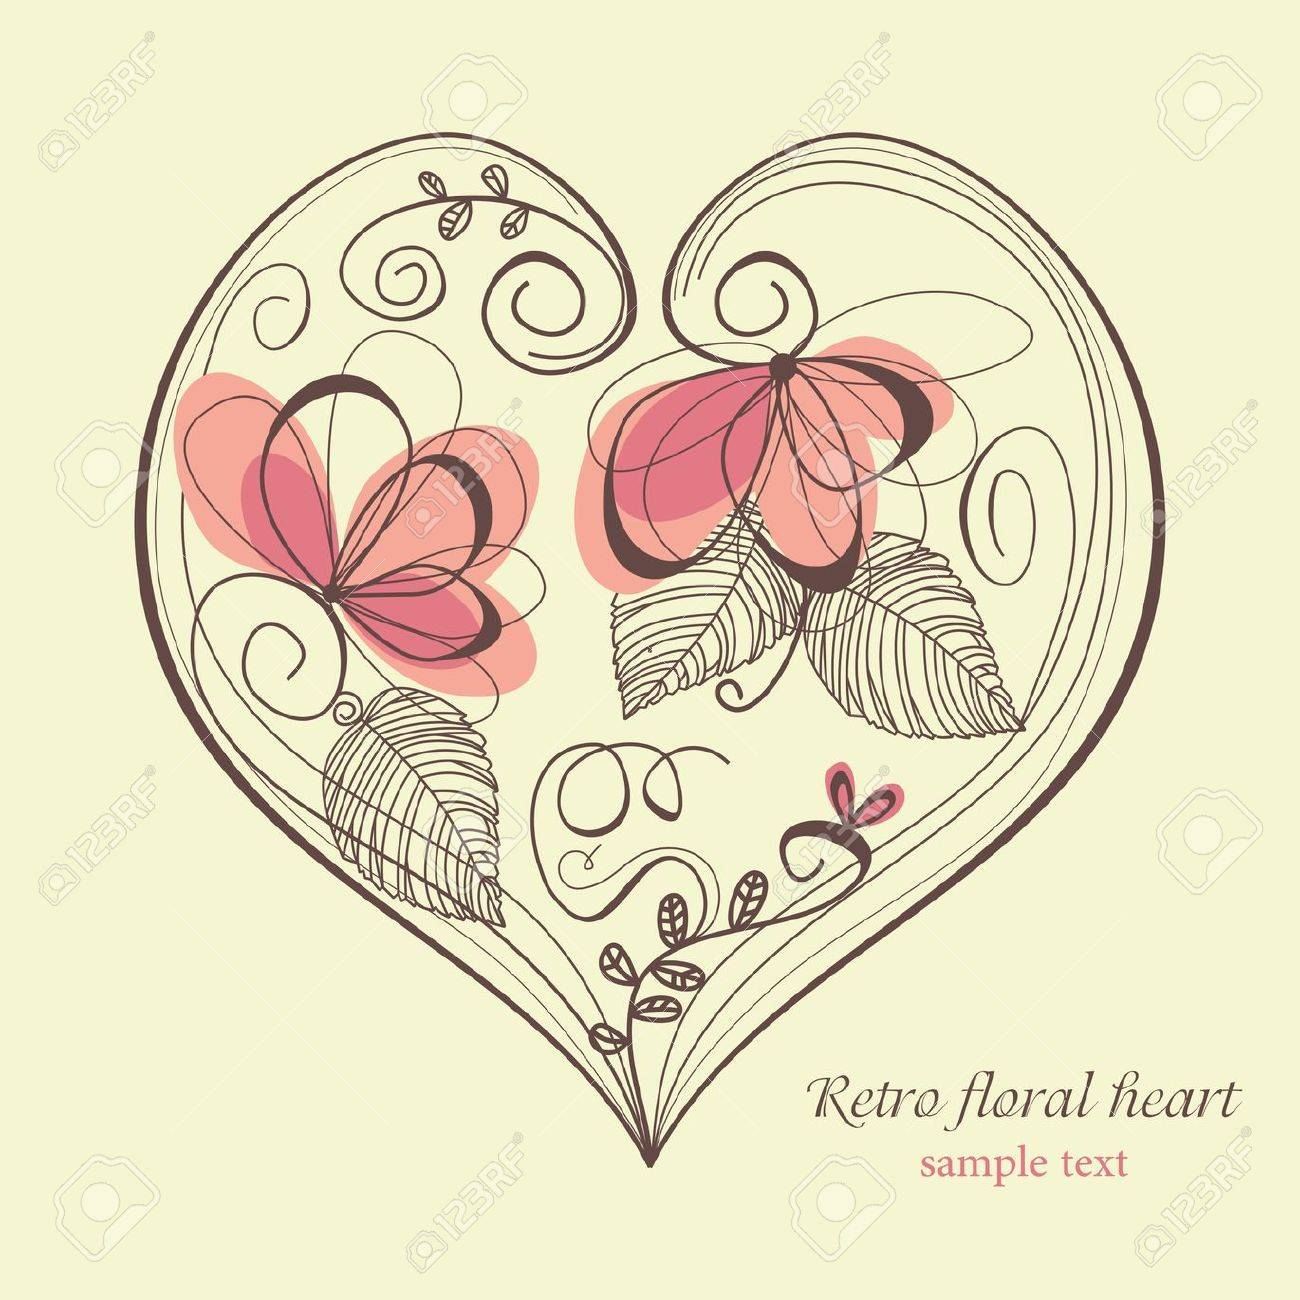 Retro floral heart Stock Vector - 8084998